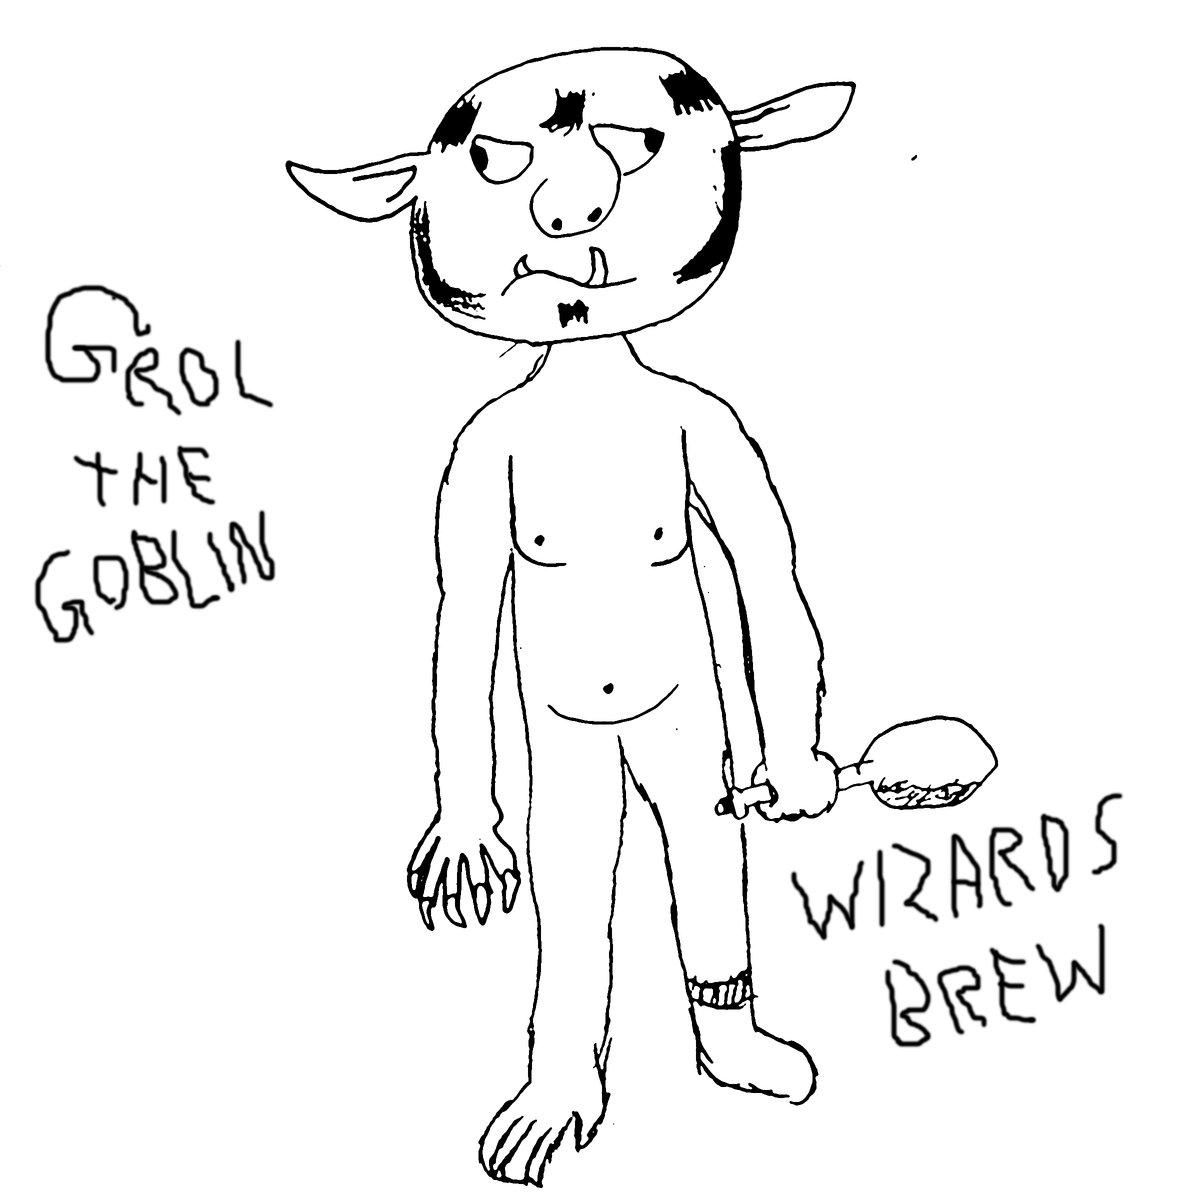 Wizards Brew